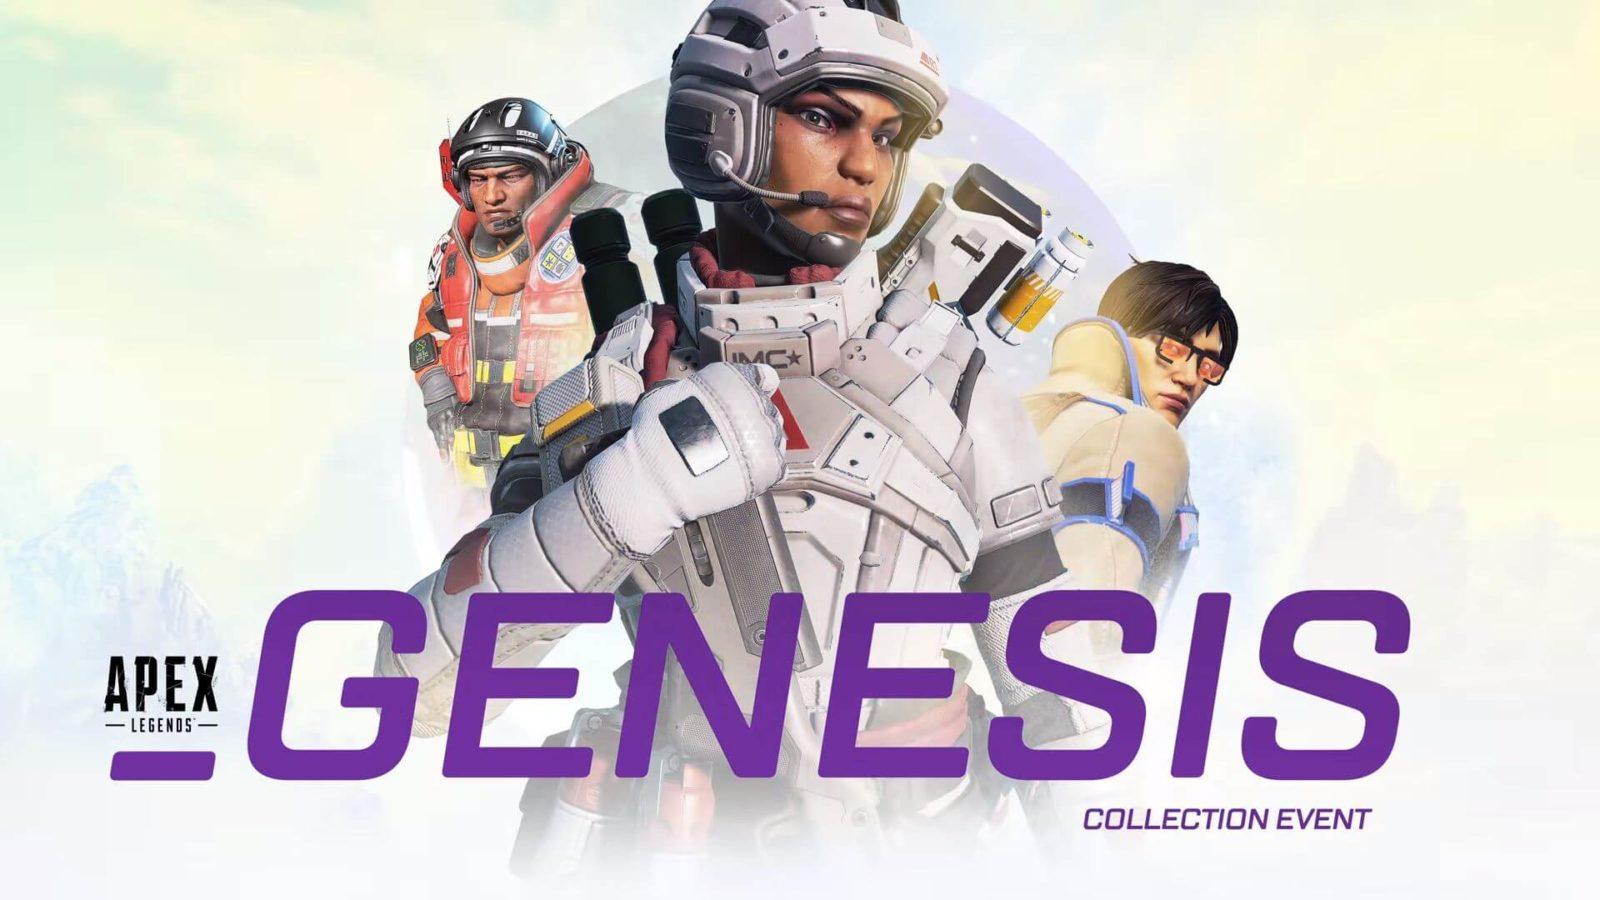 Événement Genesis Collection d'Apex Legends